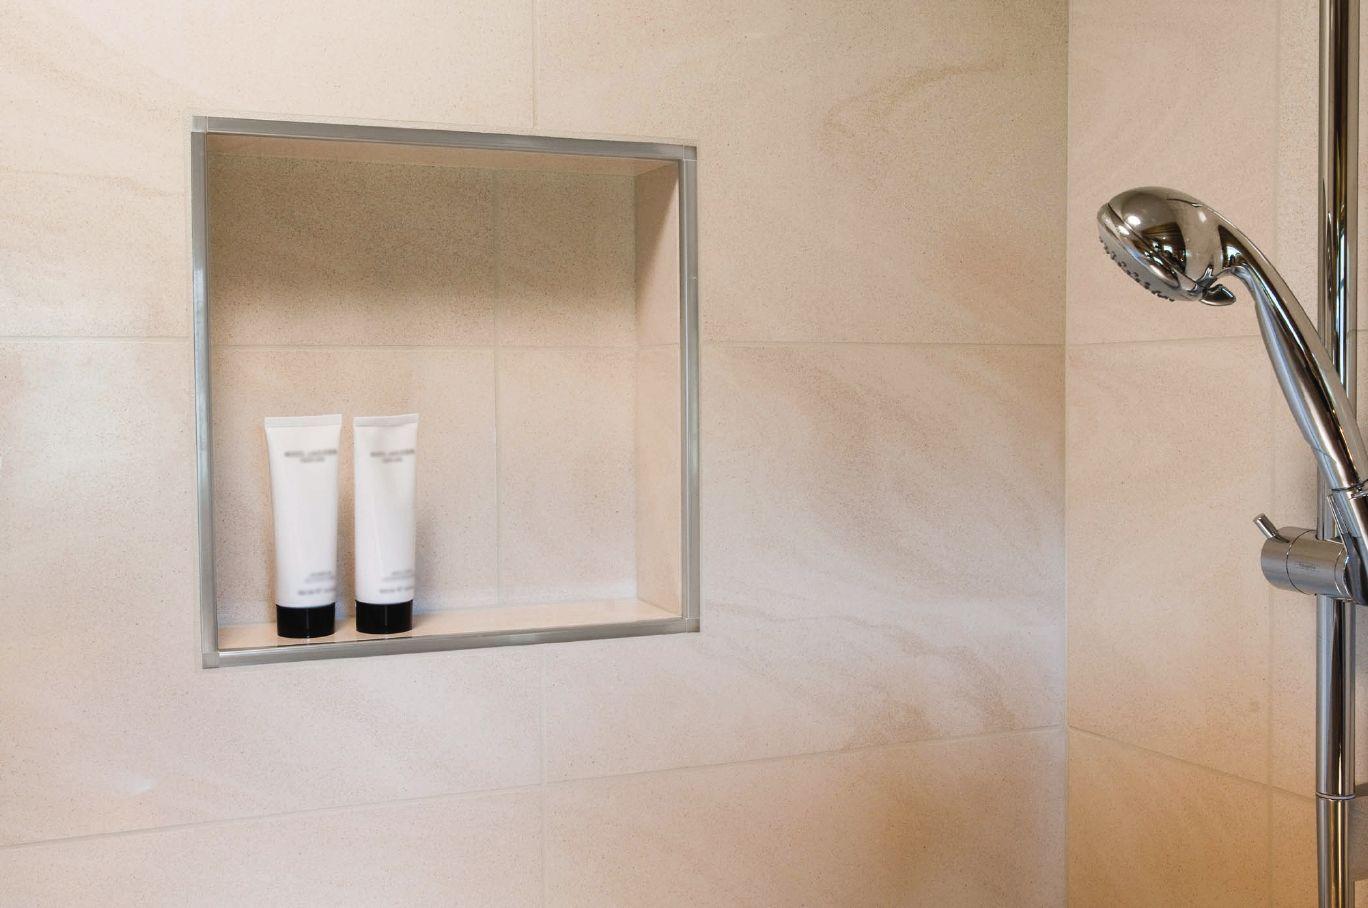 Schluter Rondec Shower Niche Shower Installation Shower Inserts